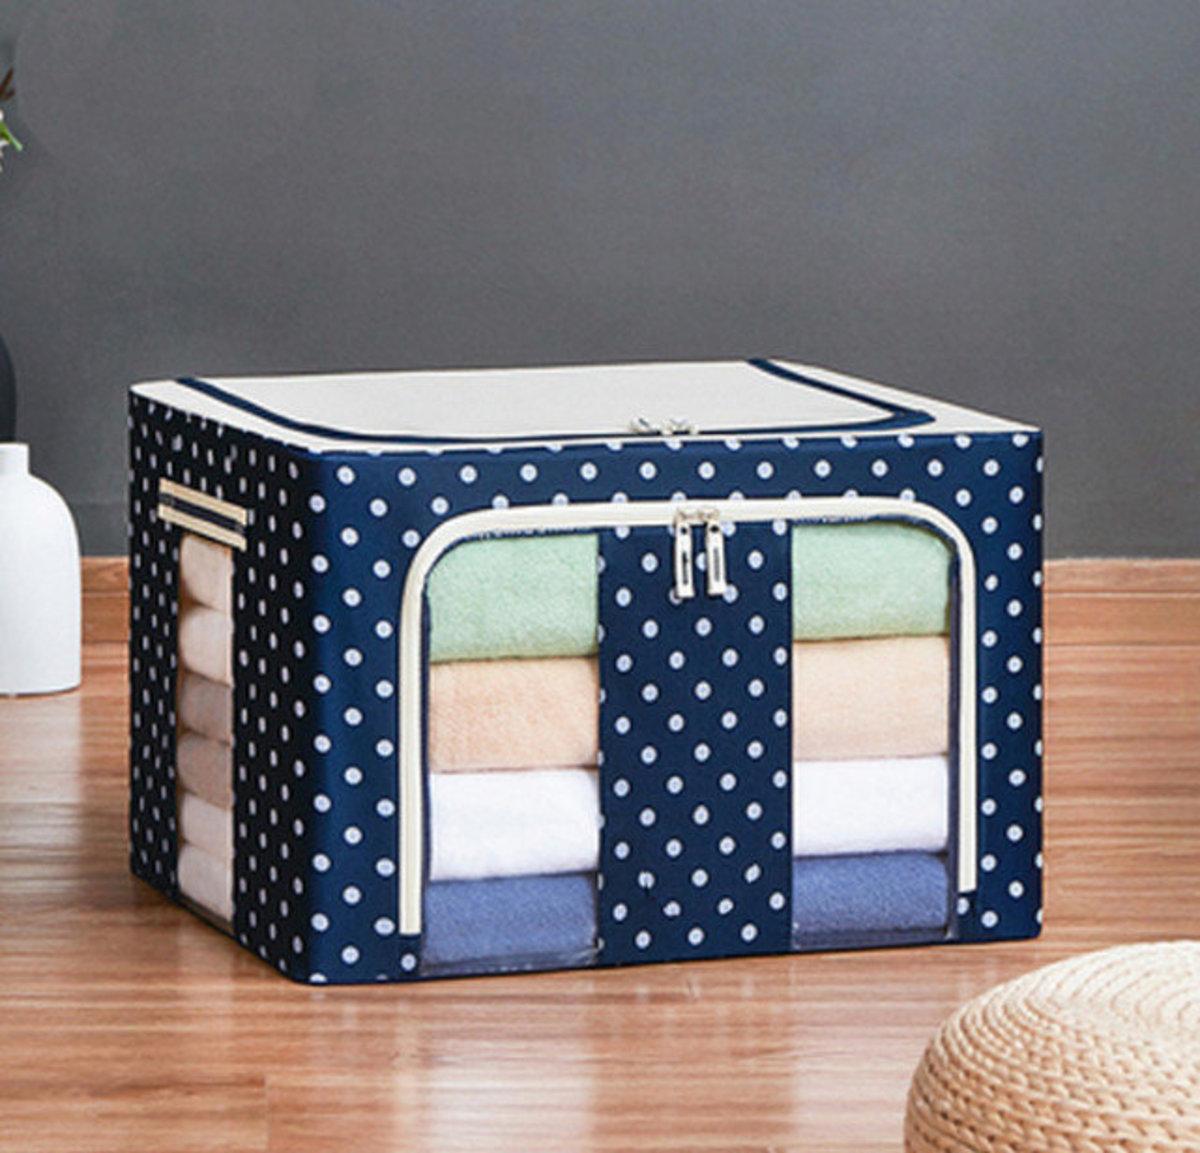 布藝棉麻圖案衣物收納箱,玩具收納箱(60*42*40cm 藏青色)#906_00001